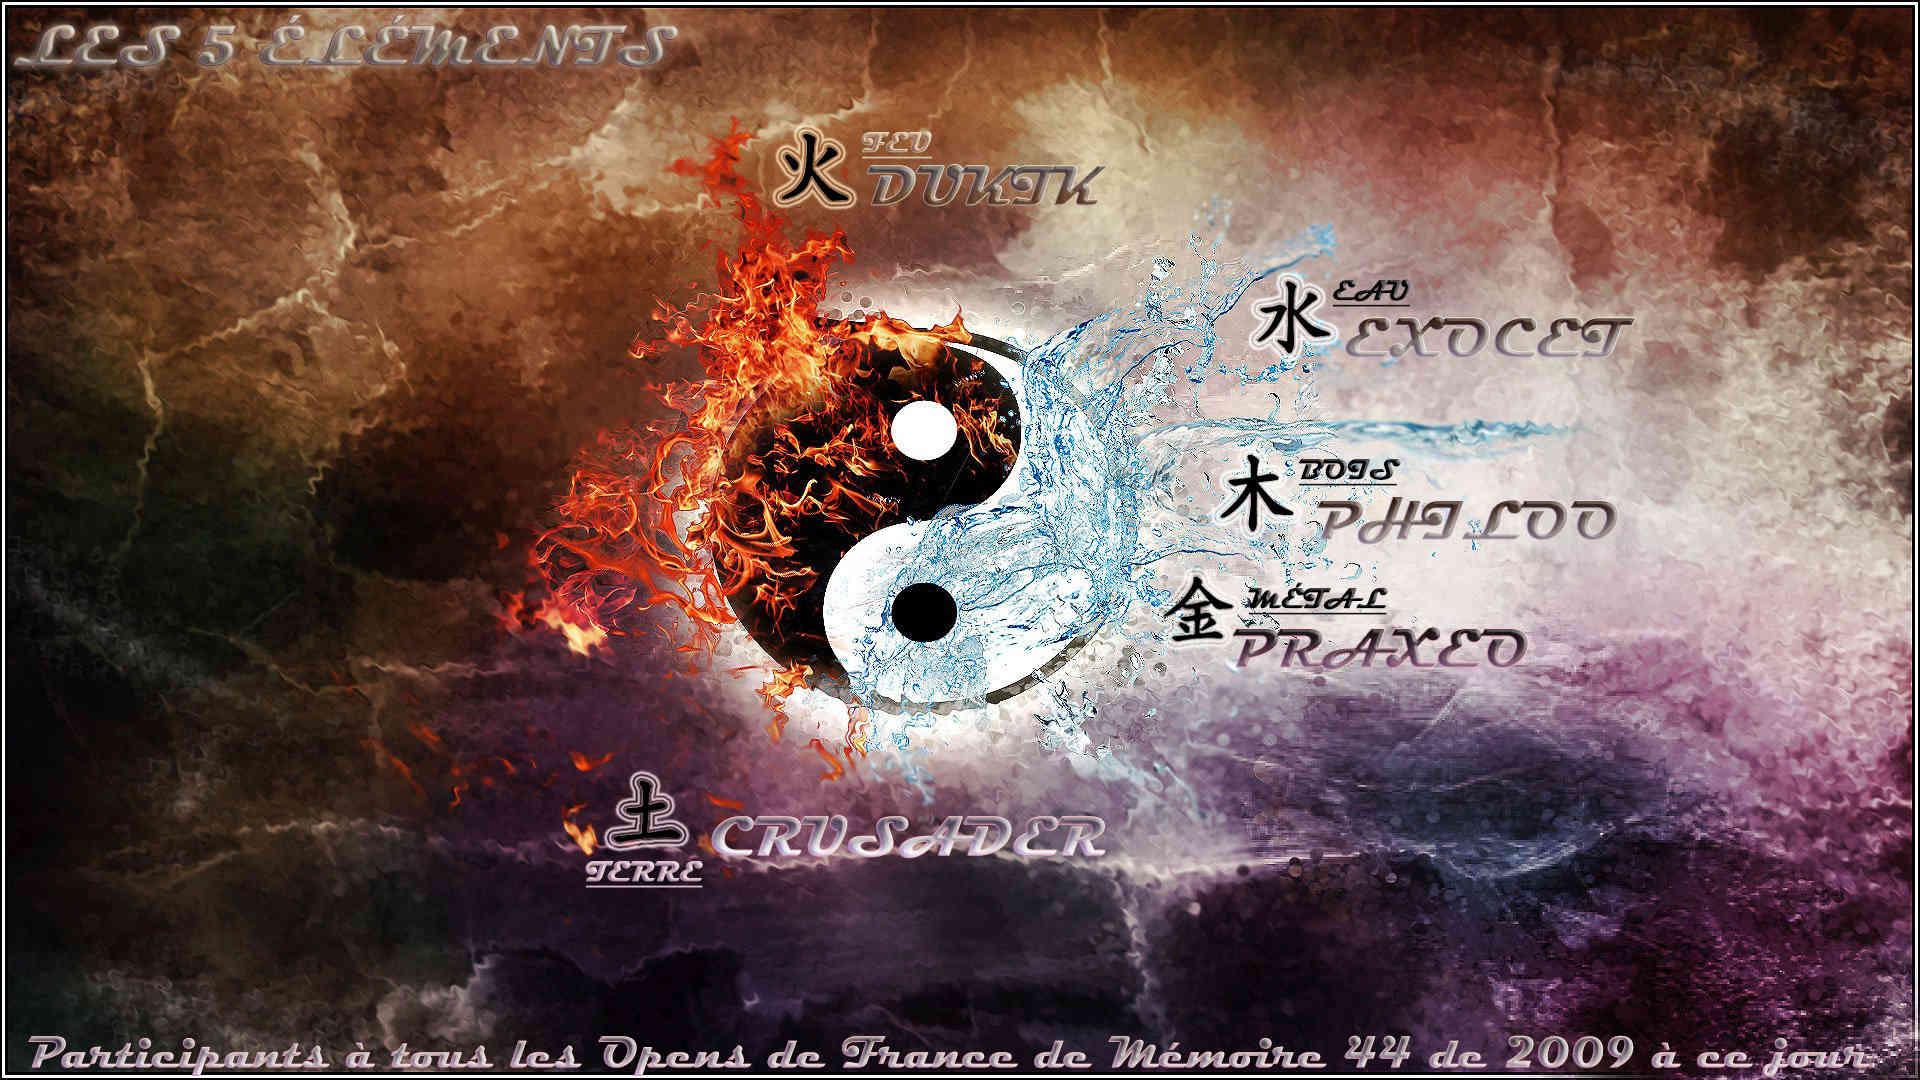 http://i35.servimg.com/u/f35/18/53/99/34/affich10.jpg